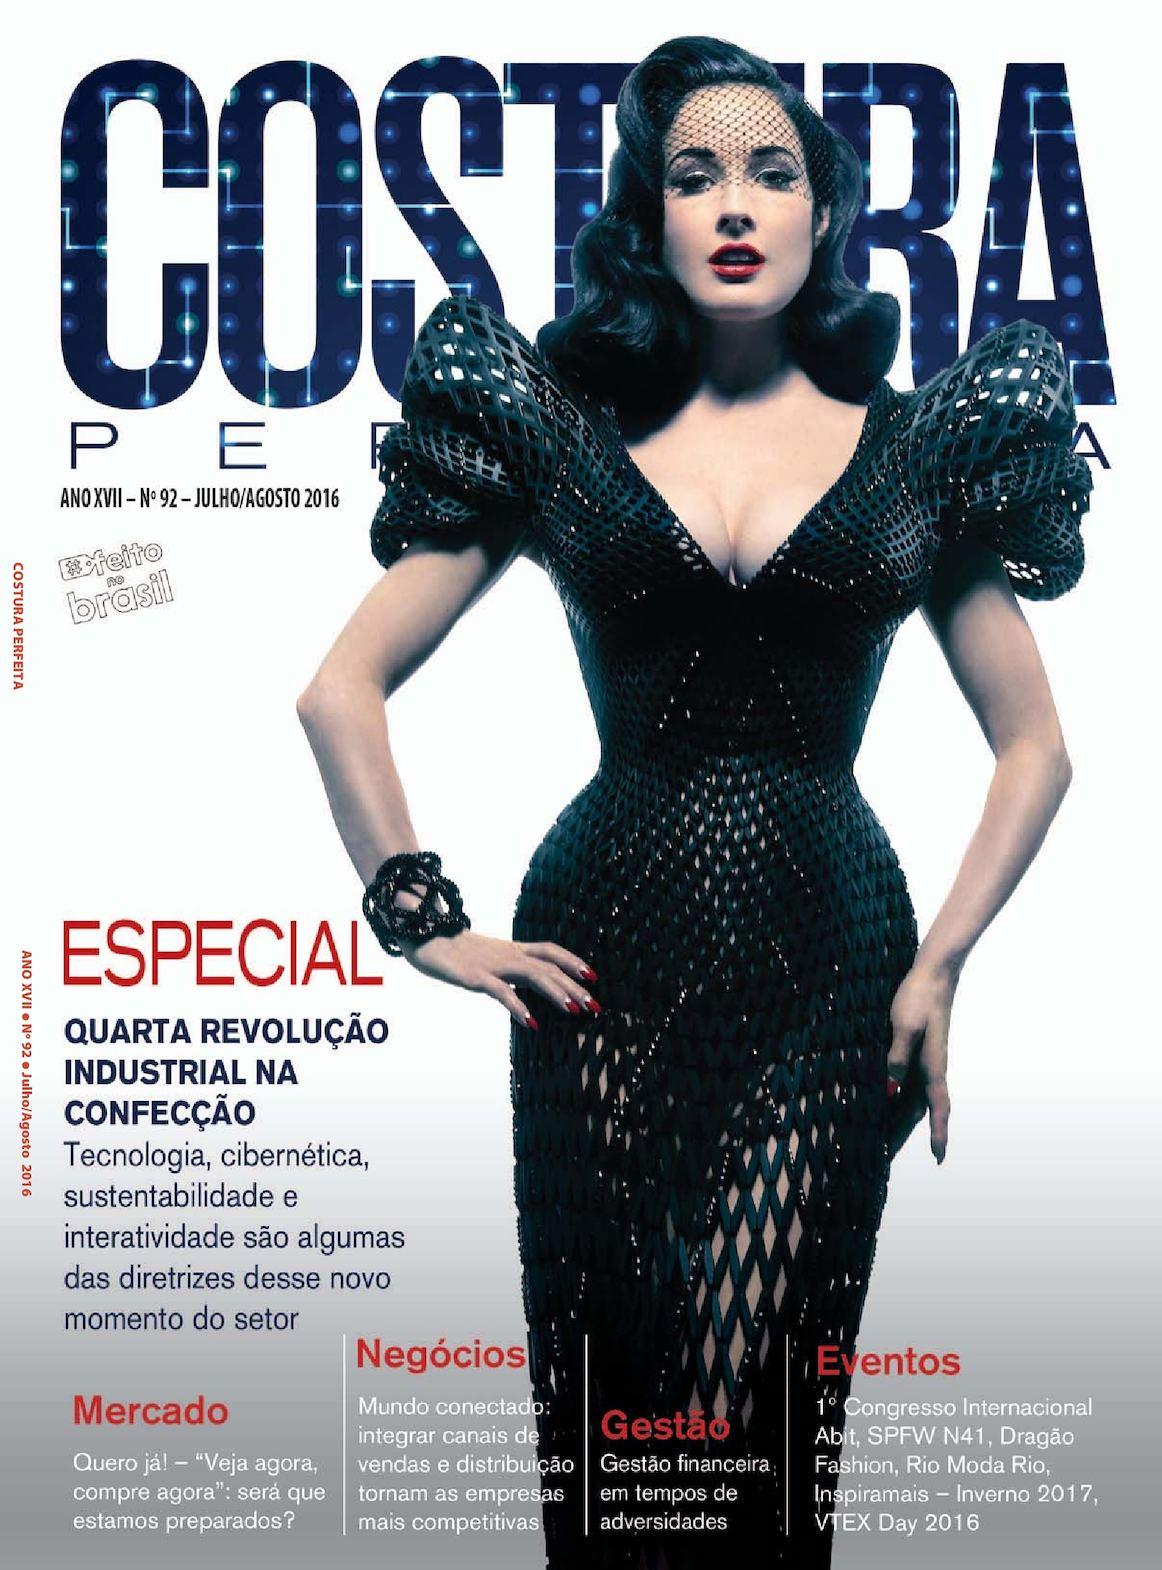 6c8b97d44a9be Calaméo - Revista Costura Perfeita Edição Ano XVII - N92 - Julho - Agosto  2016